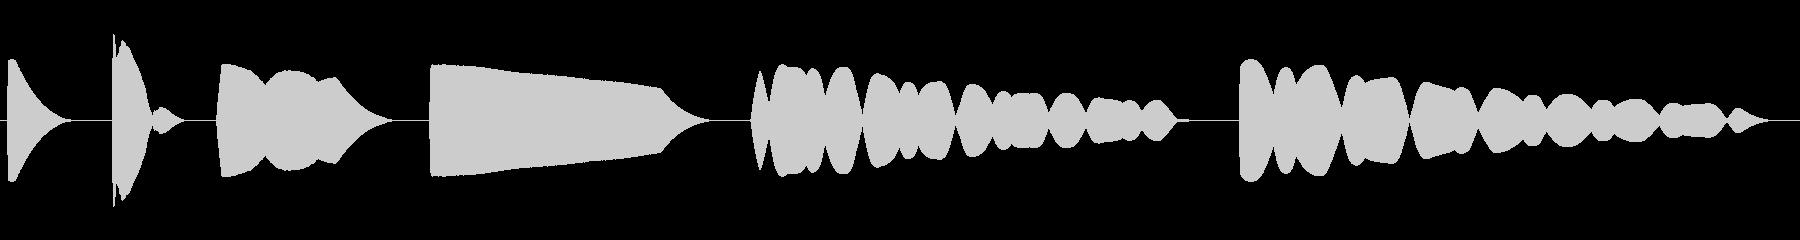 トーン、パンニング、シグナル、FA...の未再生の波形